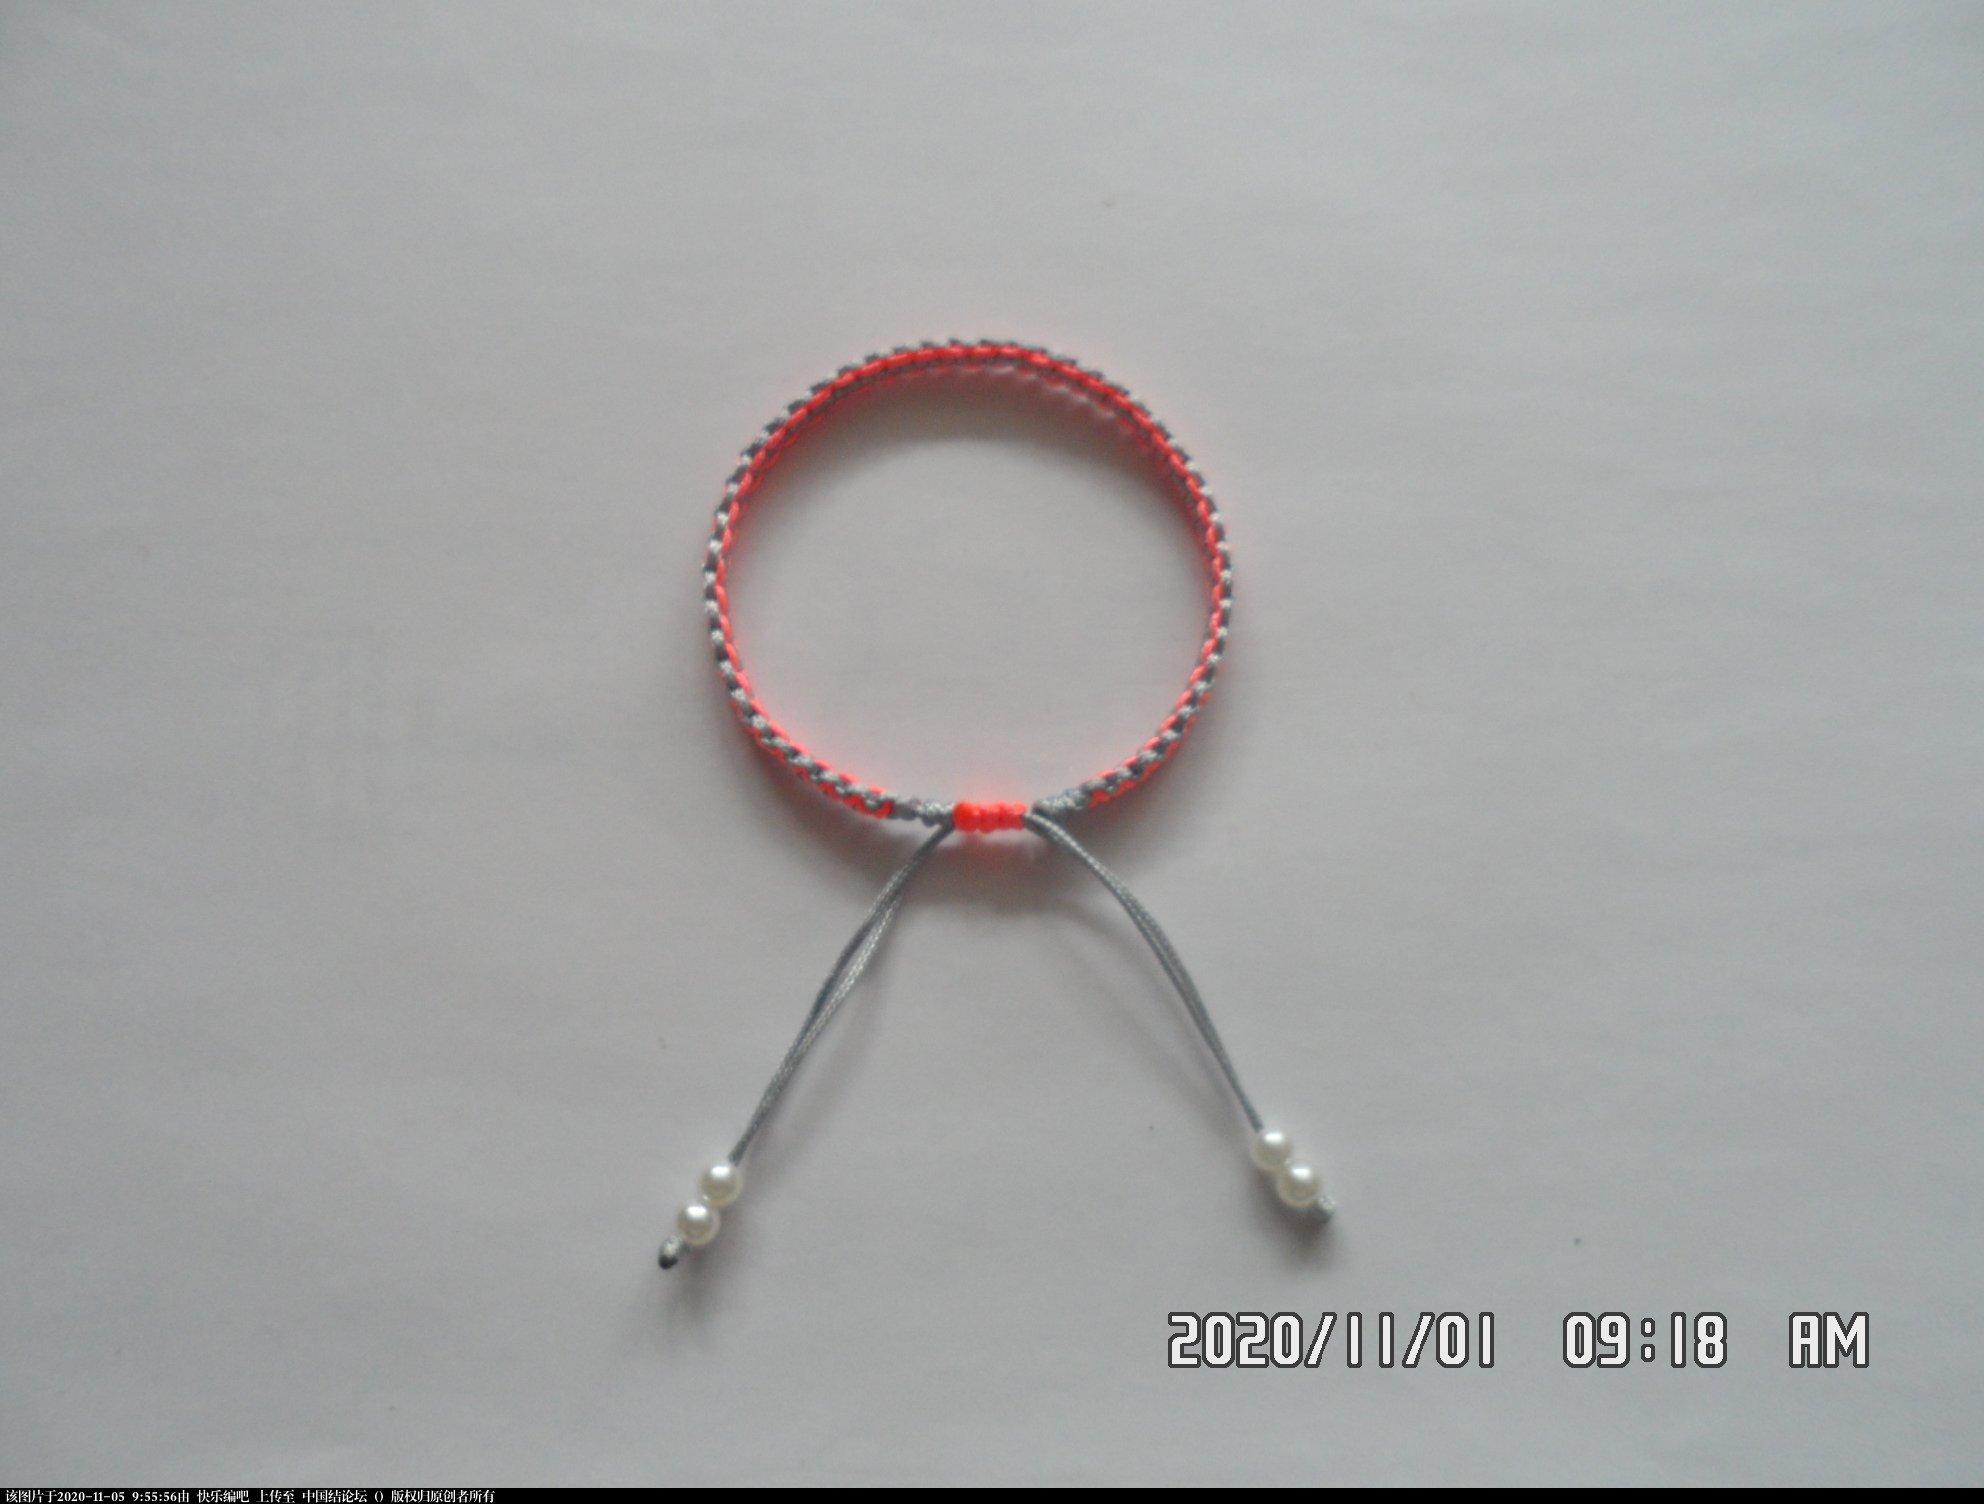 中国结论坛 一款添加装饰线的平结手绳 —— 平结还可以这样编(4) 平结,平结的链,手链,中国结入门基础教程 图文教程区 093832bxt1zff3iy536hed